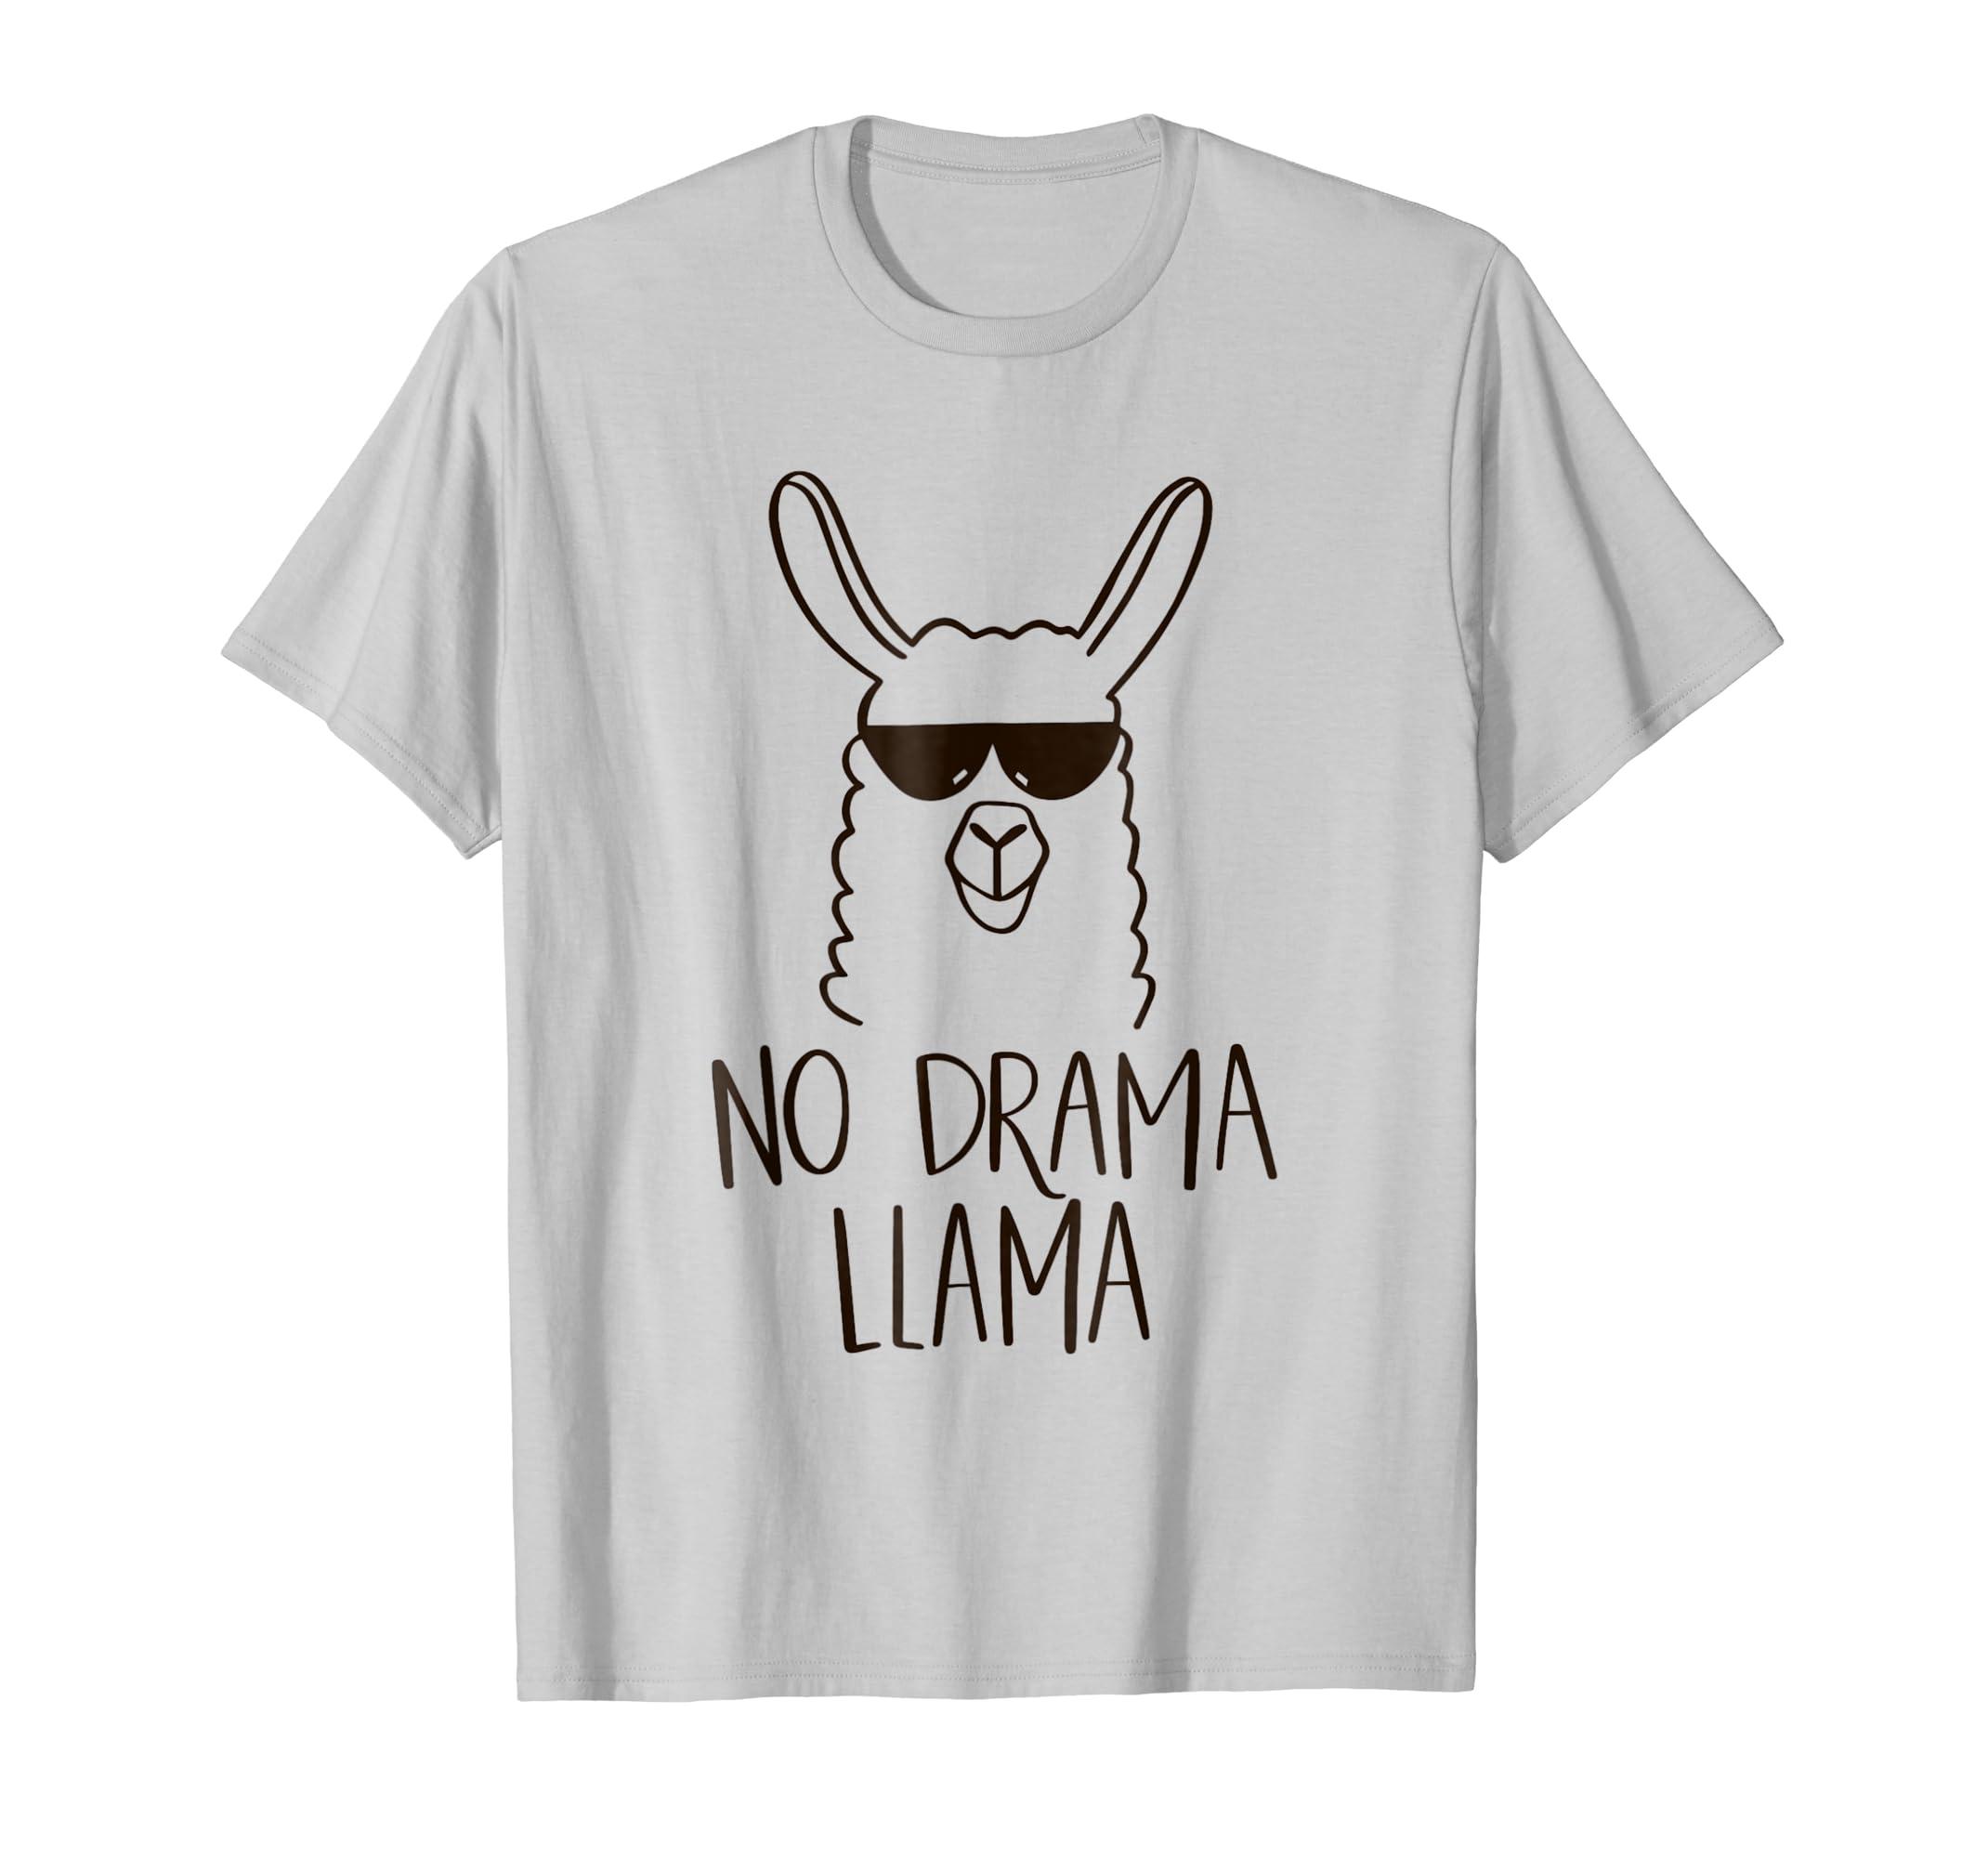 70976e481 ... com no drama llama t shirt funny animal tshirt mama tee ...